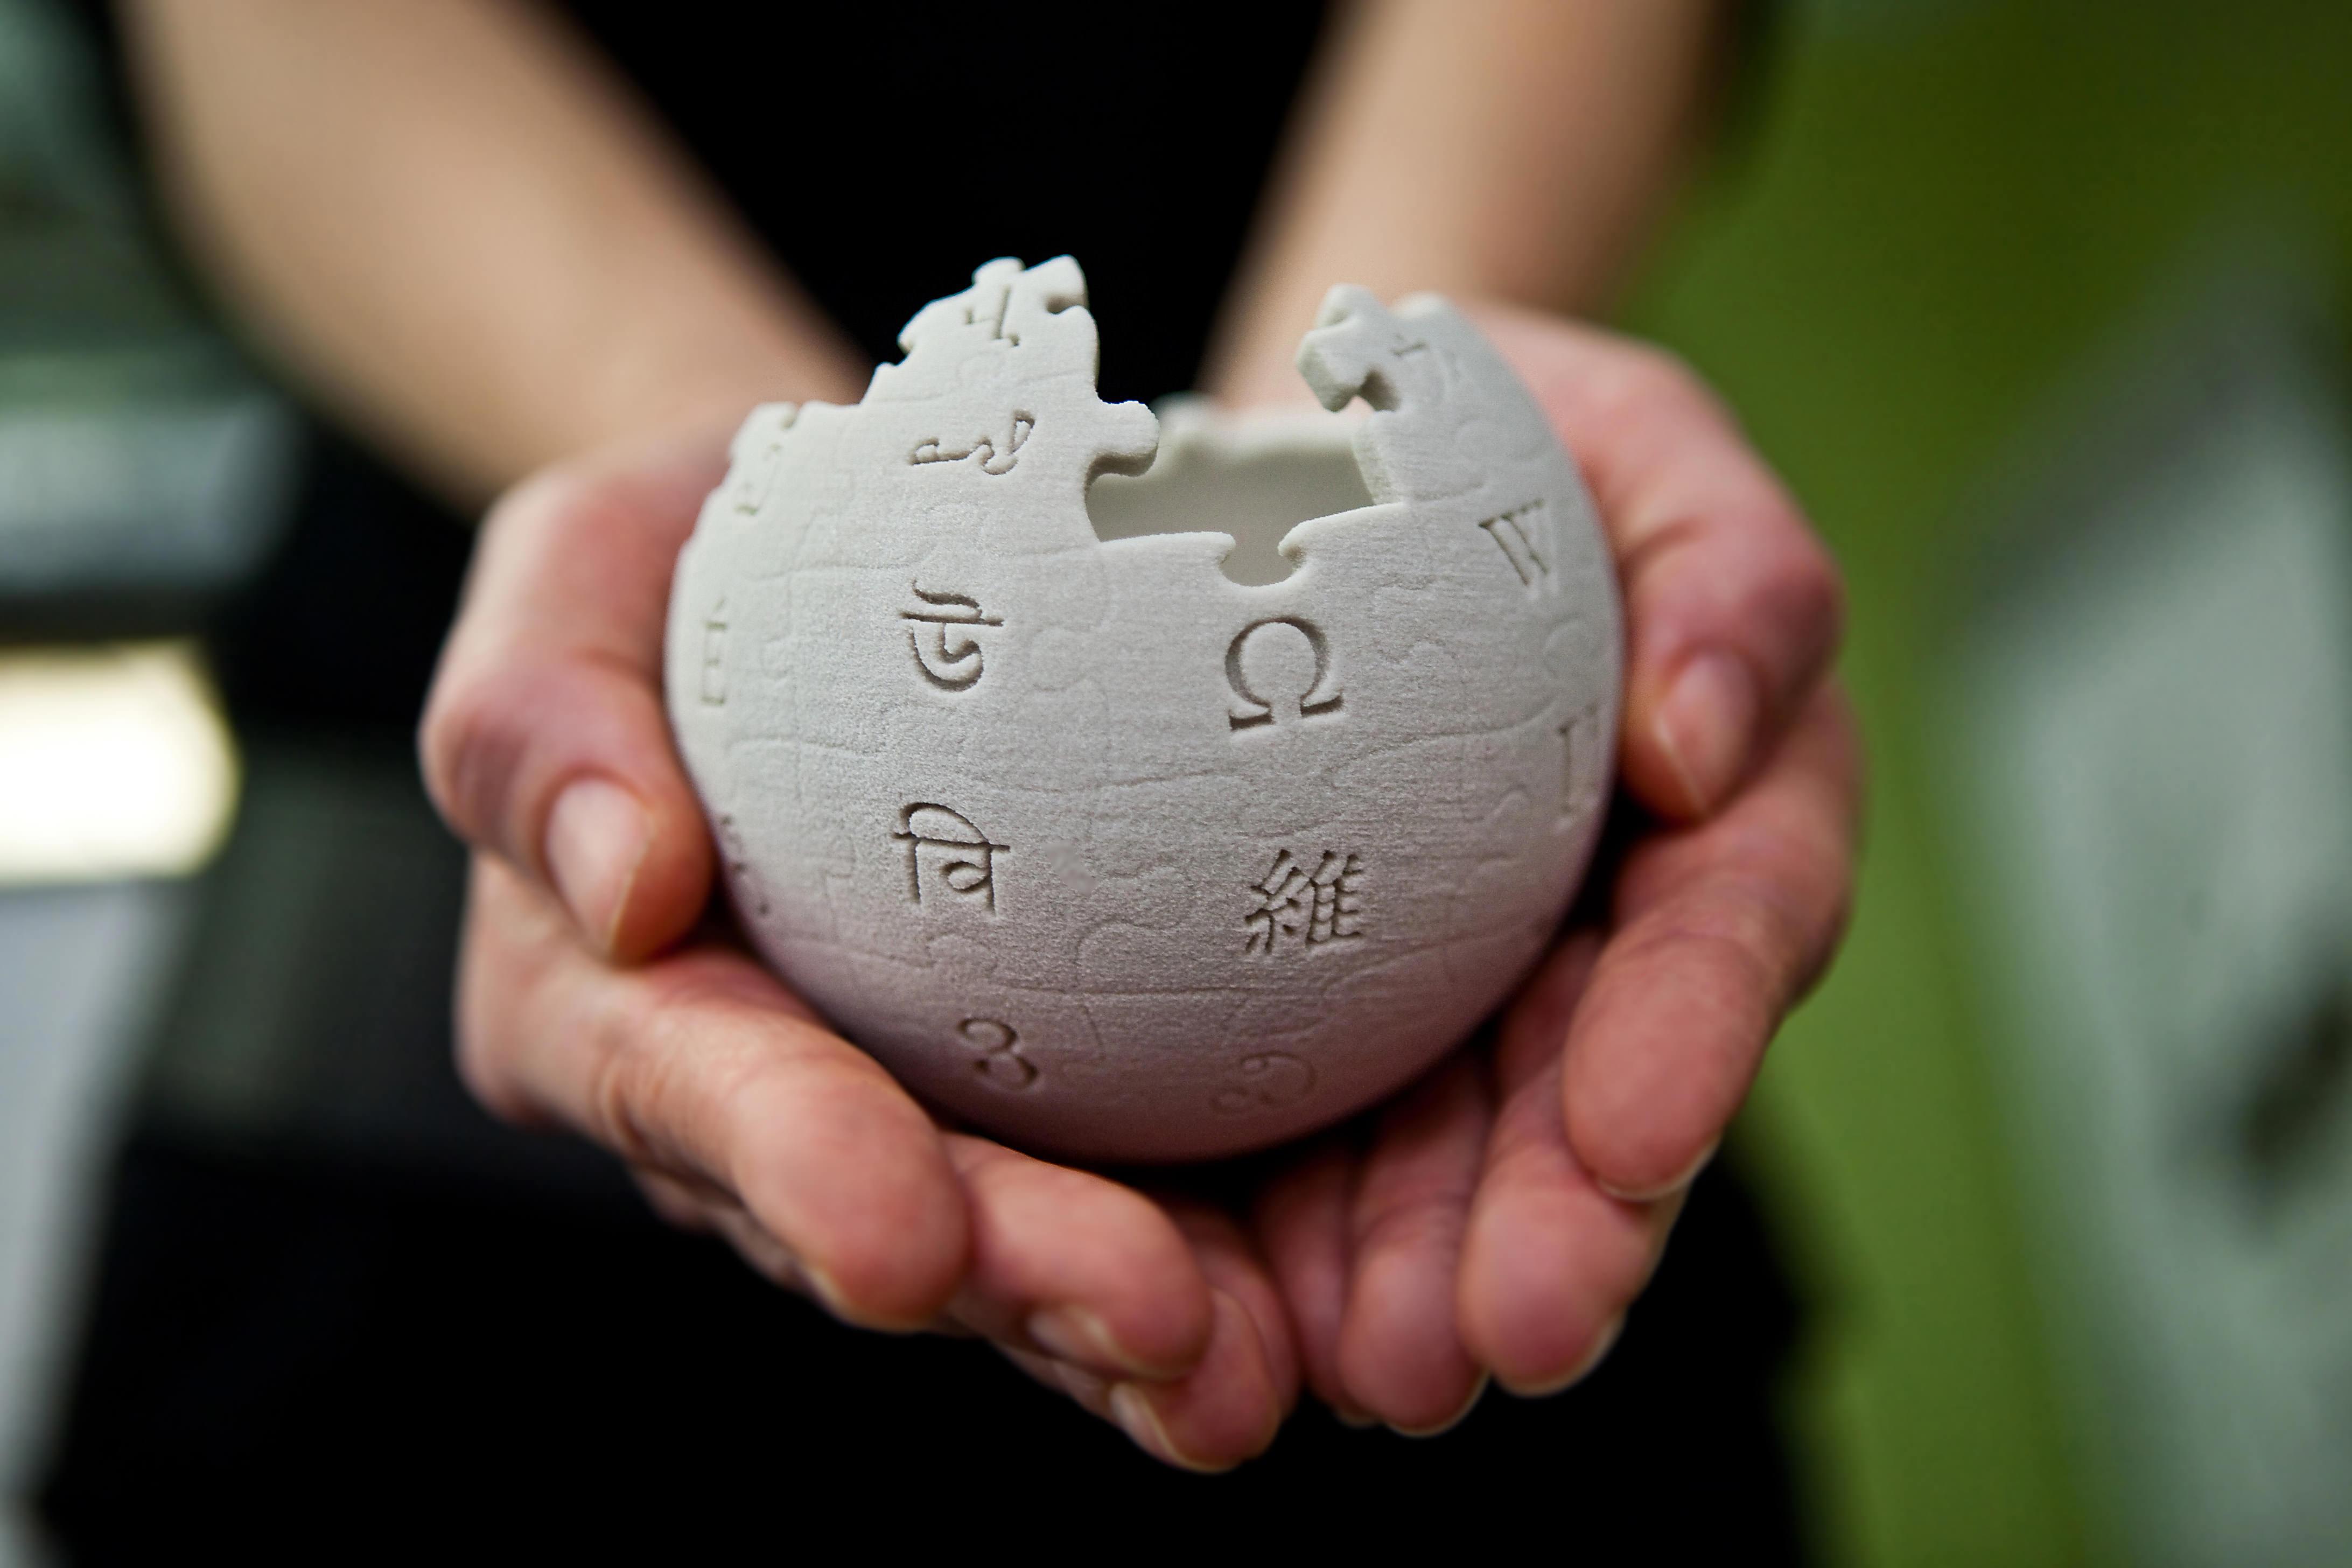 دیکتاتوری ویکی پدیا؛ در خدمت و خیانت به دانش بشری؟